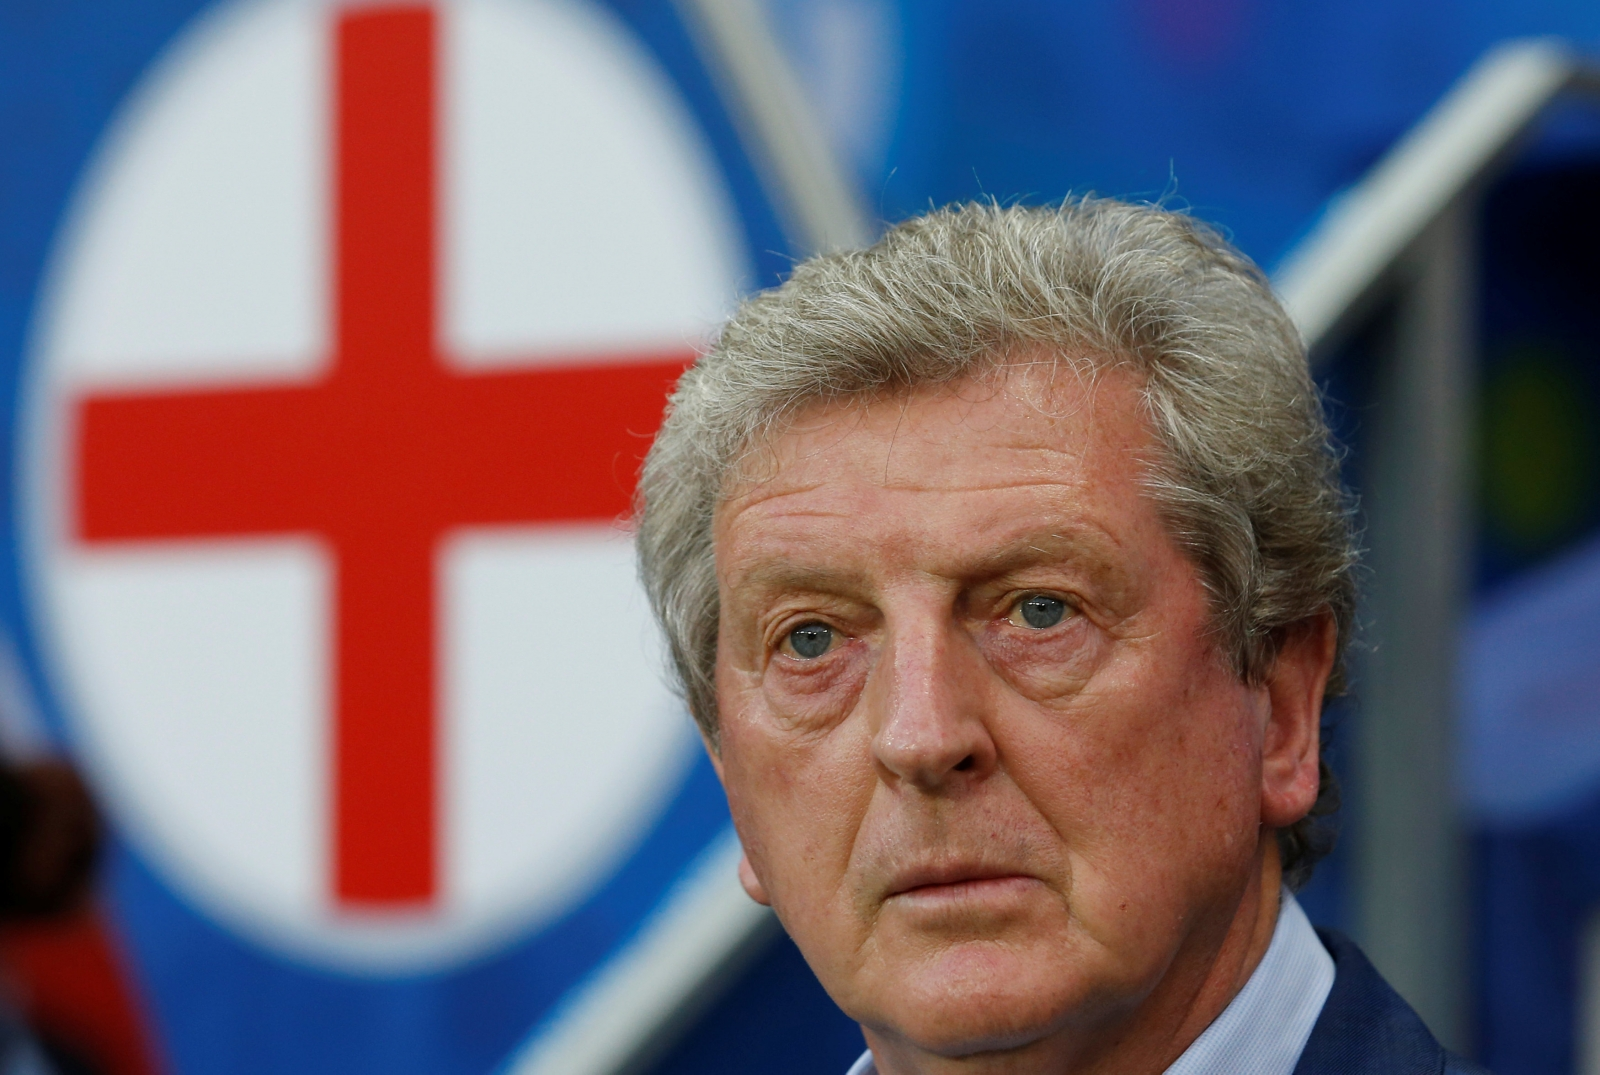 Roy Hodgson resigns